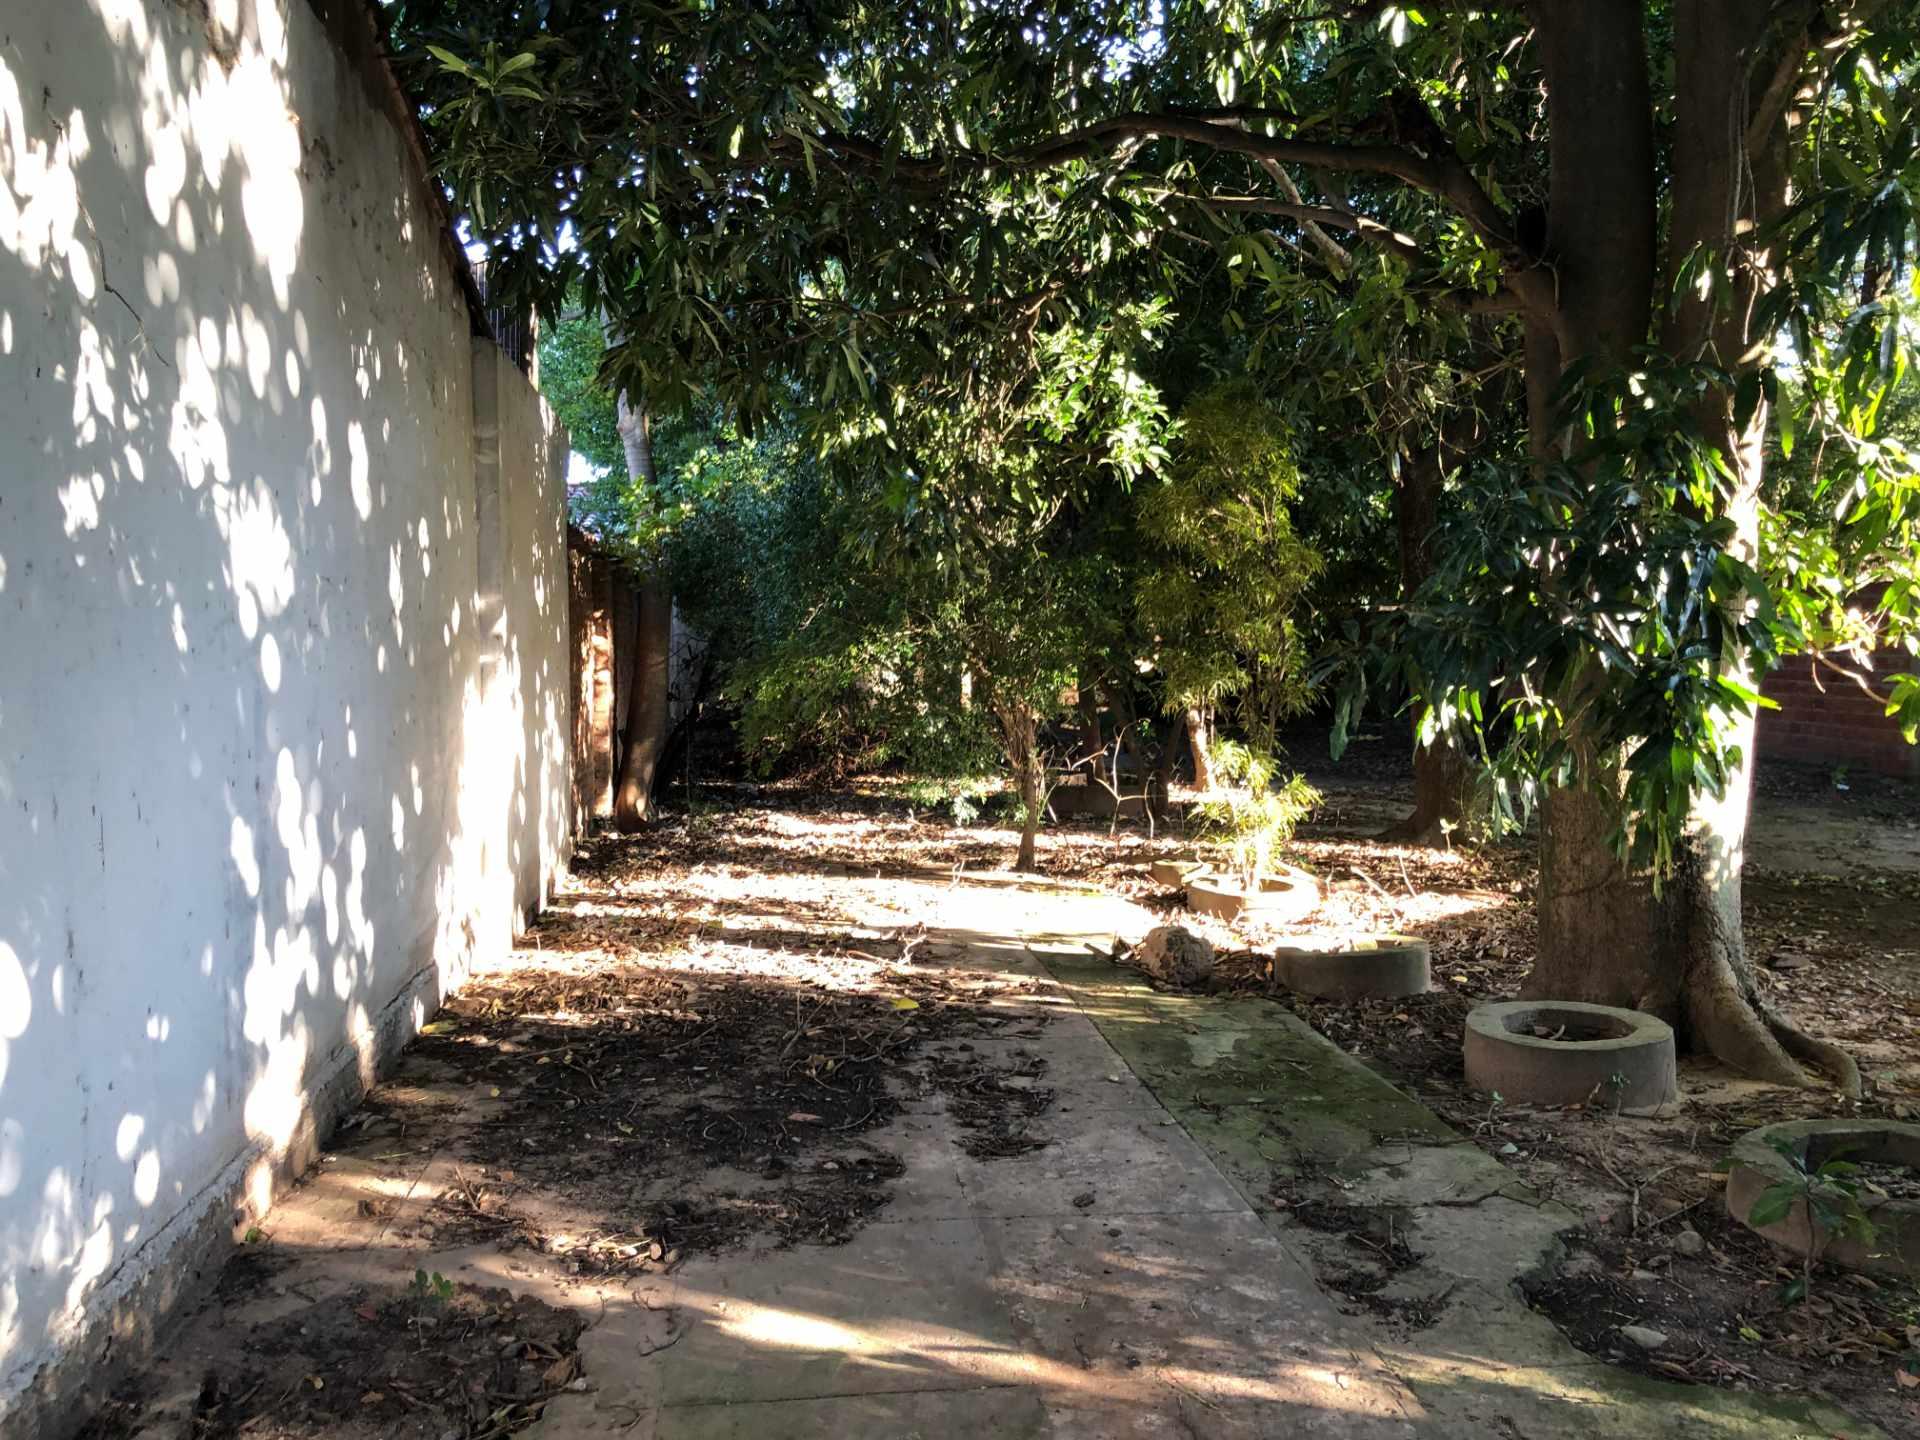 Terreno en Venta Calle El Fuerte s/n, zona barrio Los Choferes (al lado del Hostal Jodanga) Foto 6